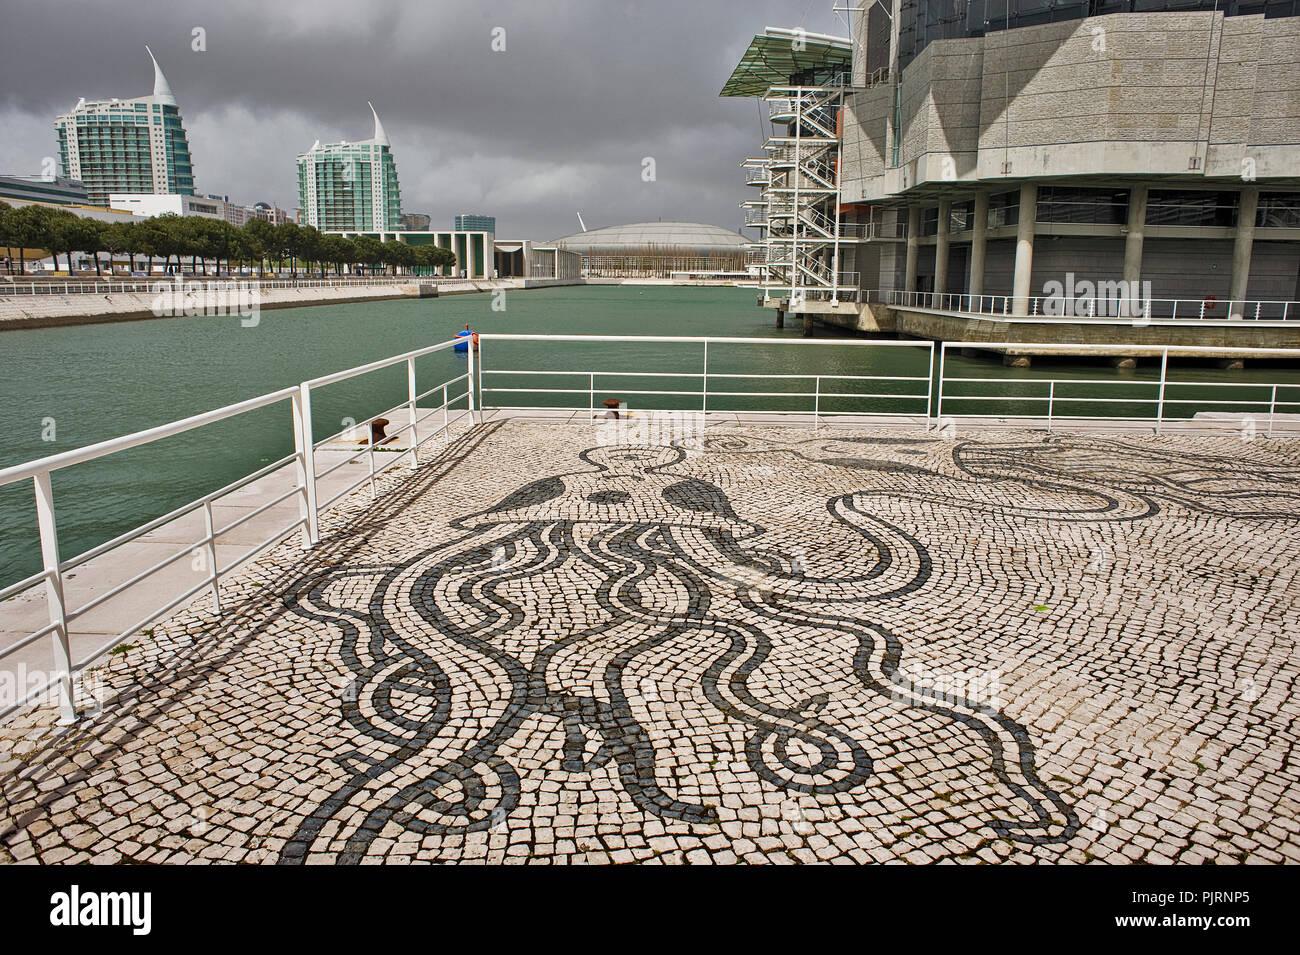 Lisbon, Expo 1998, Parque das Nações,The Lisbon Oceanarium's conceptual design, architecture, and exhibit design was led by Peter Chermayeff Stock Photo